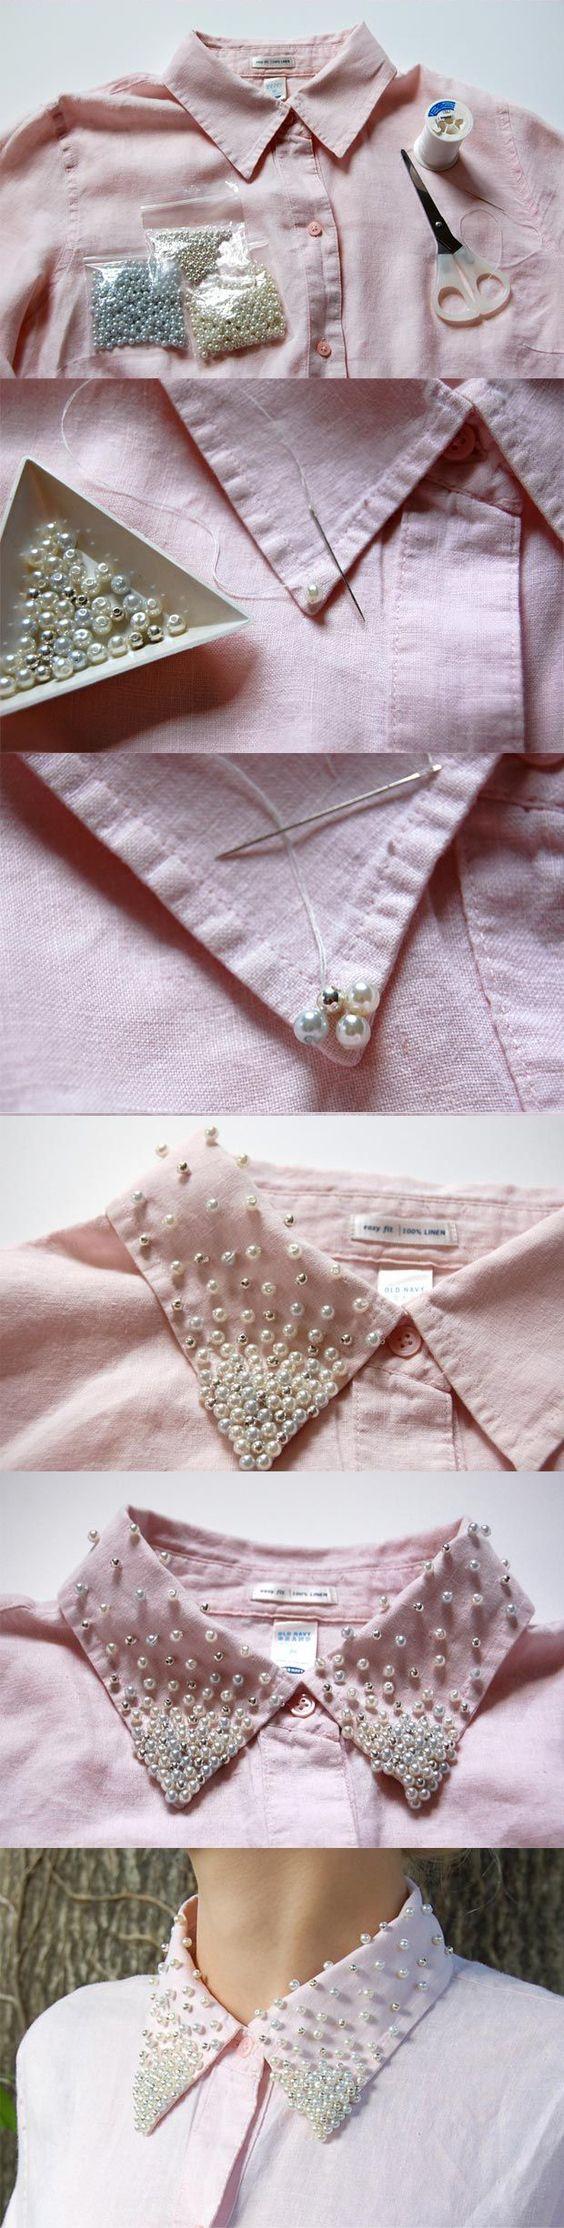 Các cách đơn giản giúp bạn tái chế quần áo cũ